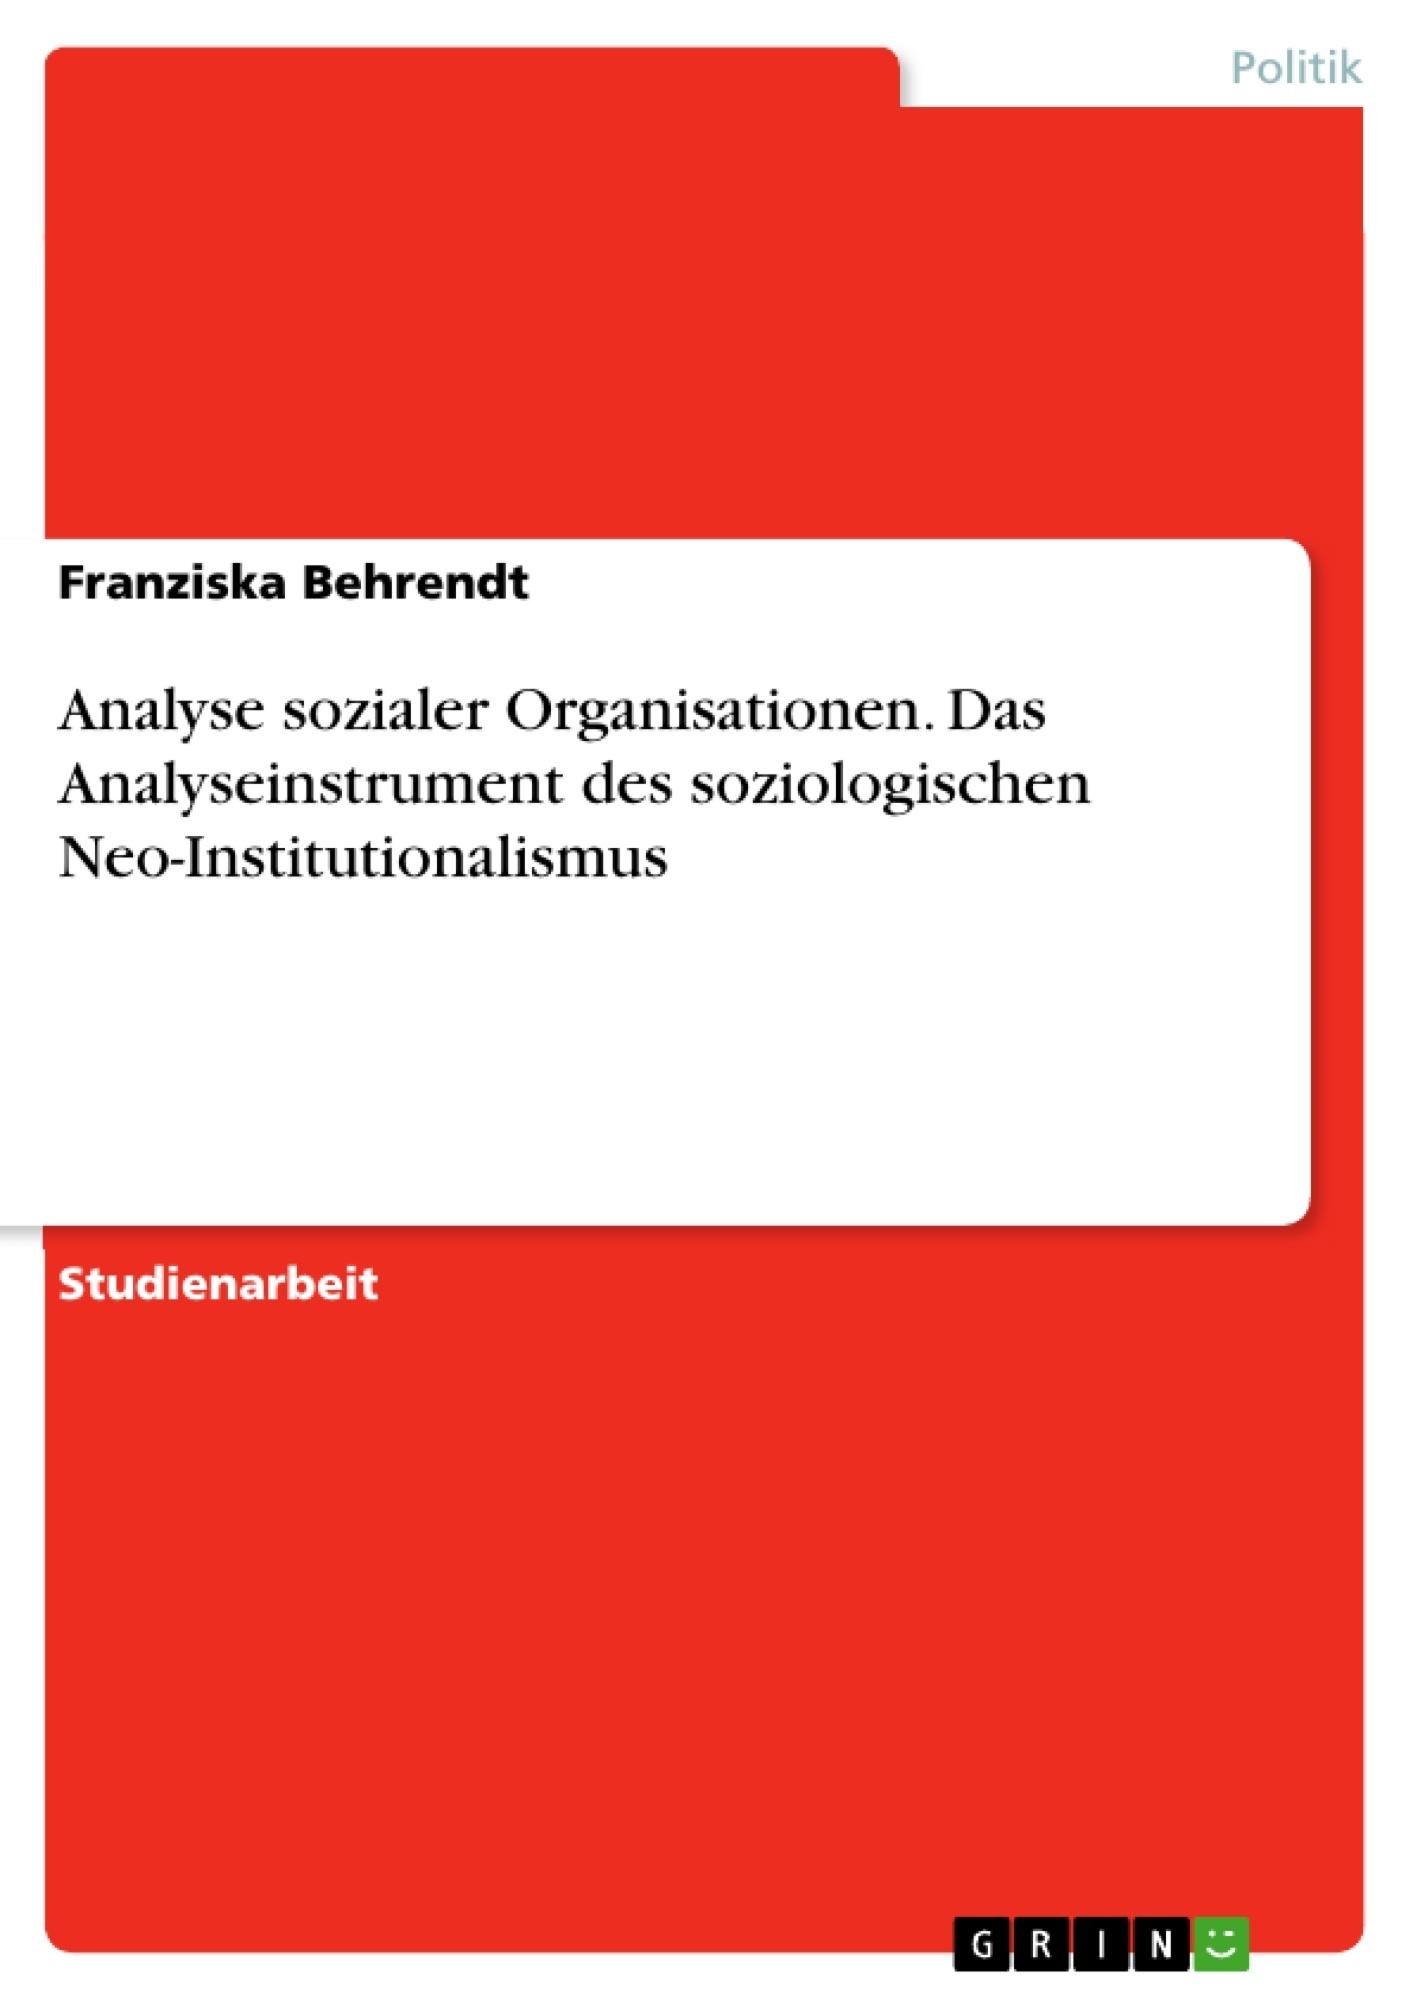 Titel: Analyse sozialer Organisationen. Das Analyseinstrument des soziologischen Neo-Institutionalismus